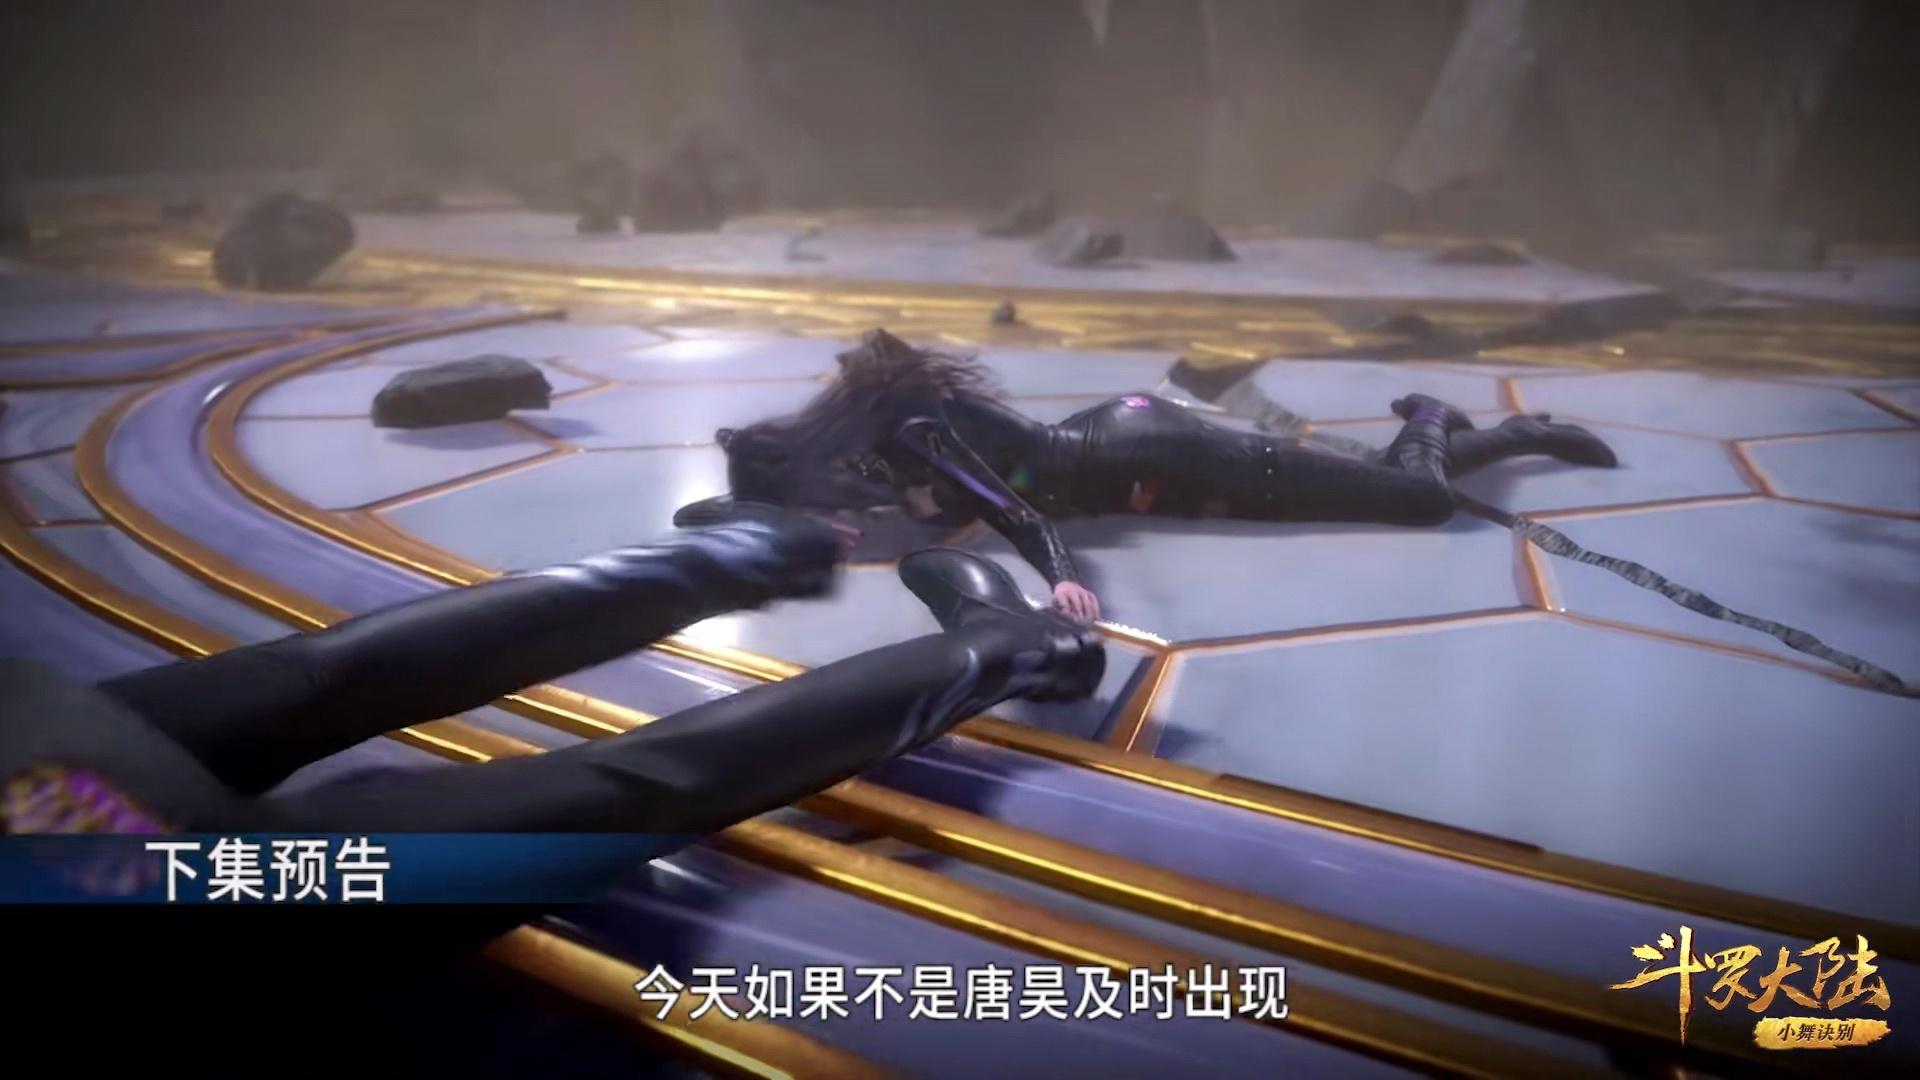 斗罗108免费看地址:唐昊为何对小舞显示得很憎恶?或许和他的往事有关